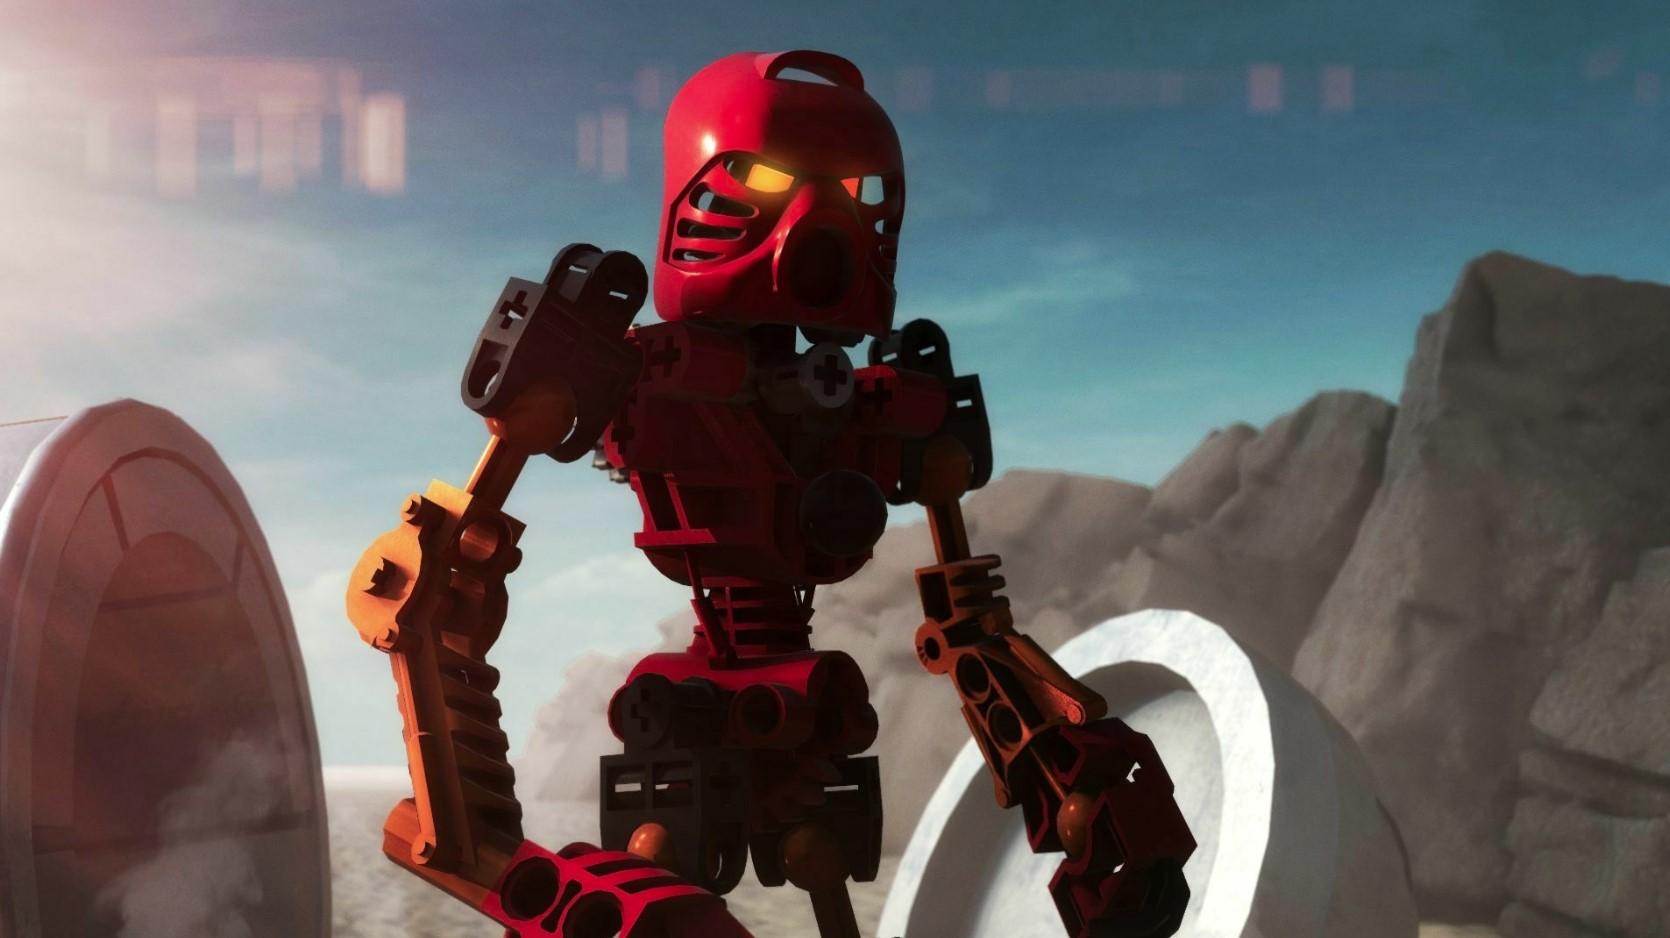 Фанаты Bionicle делают LEGO-игру. Уже показали трейлер игеймплей